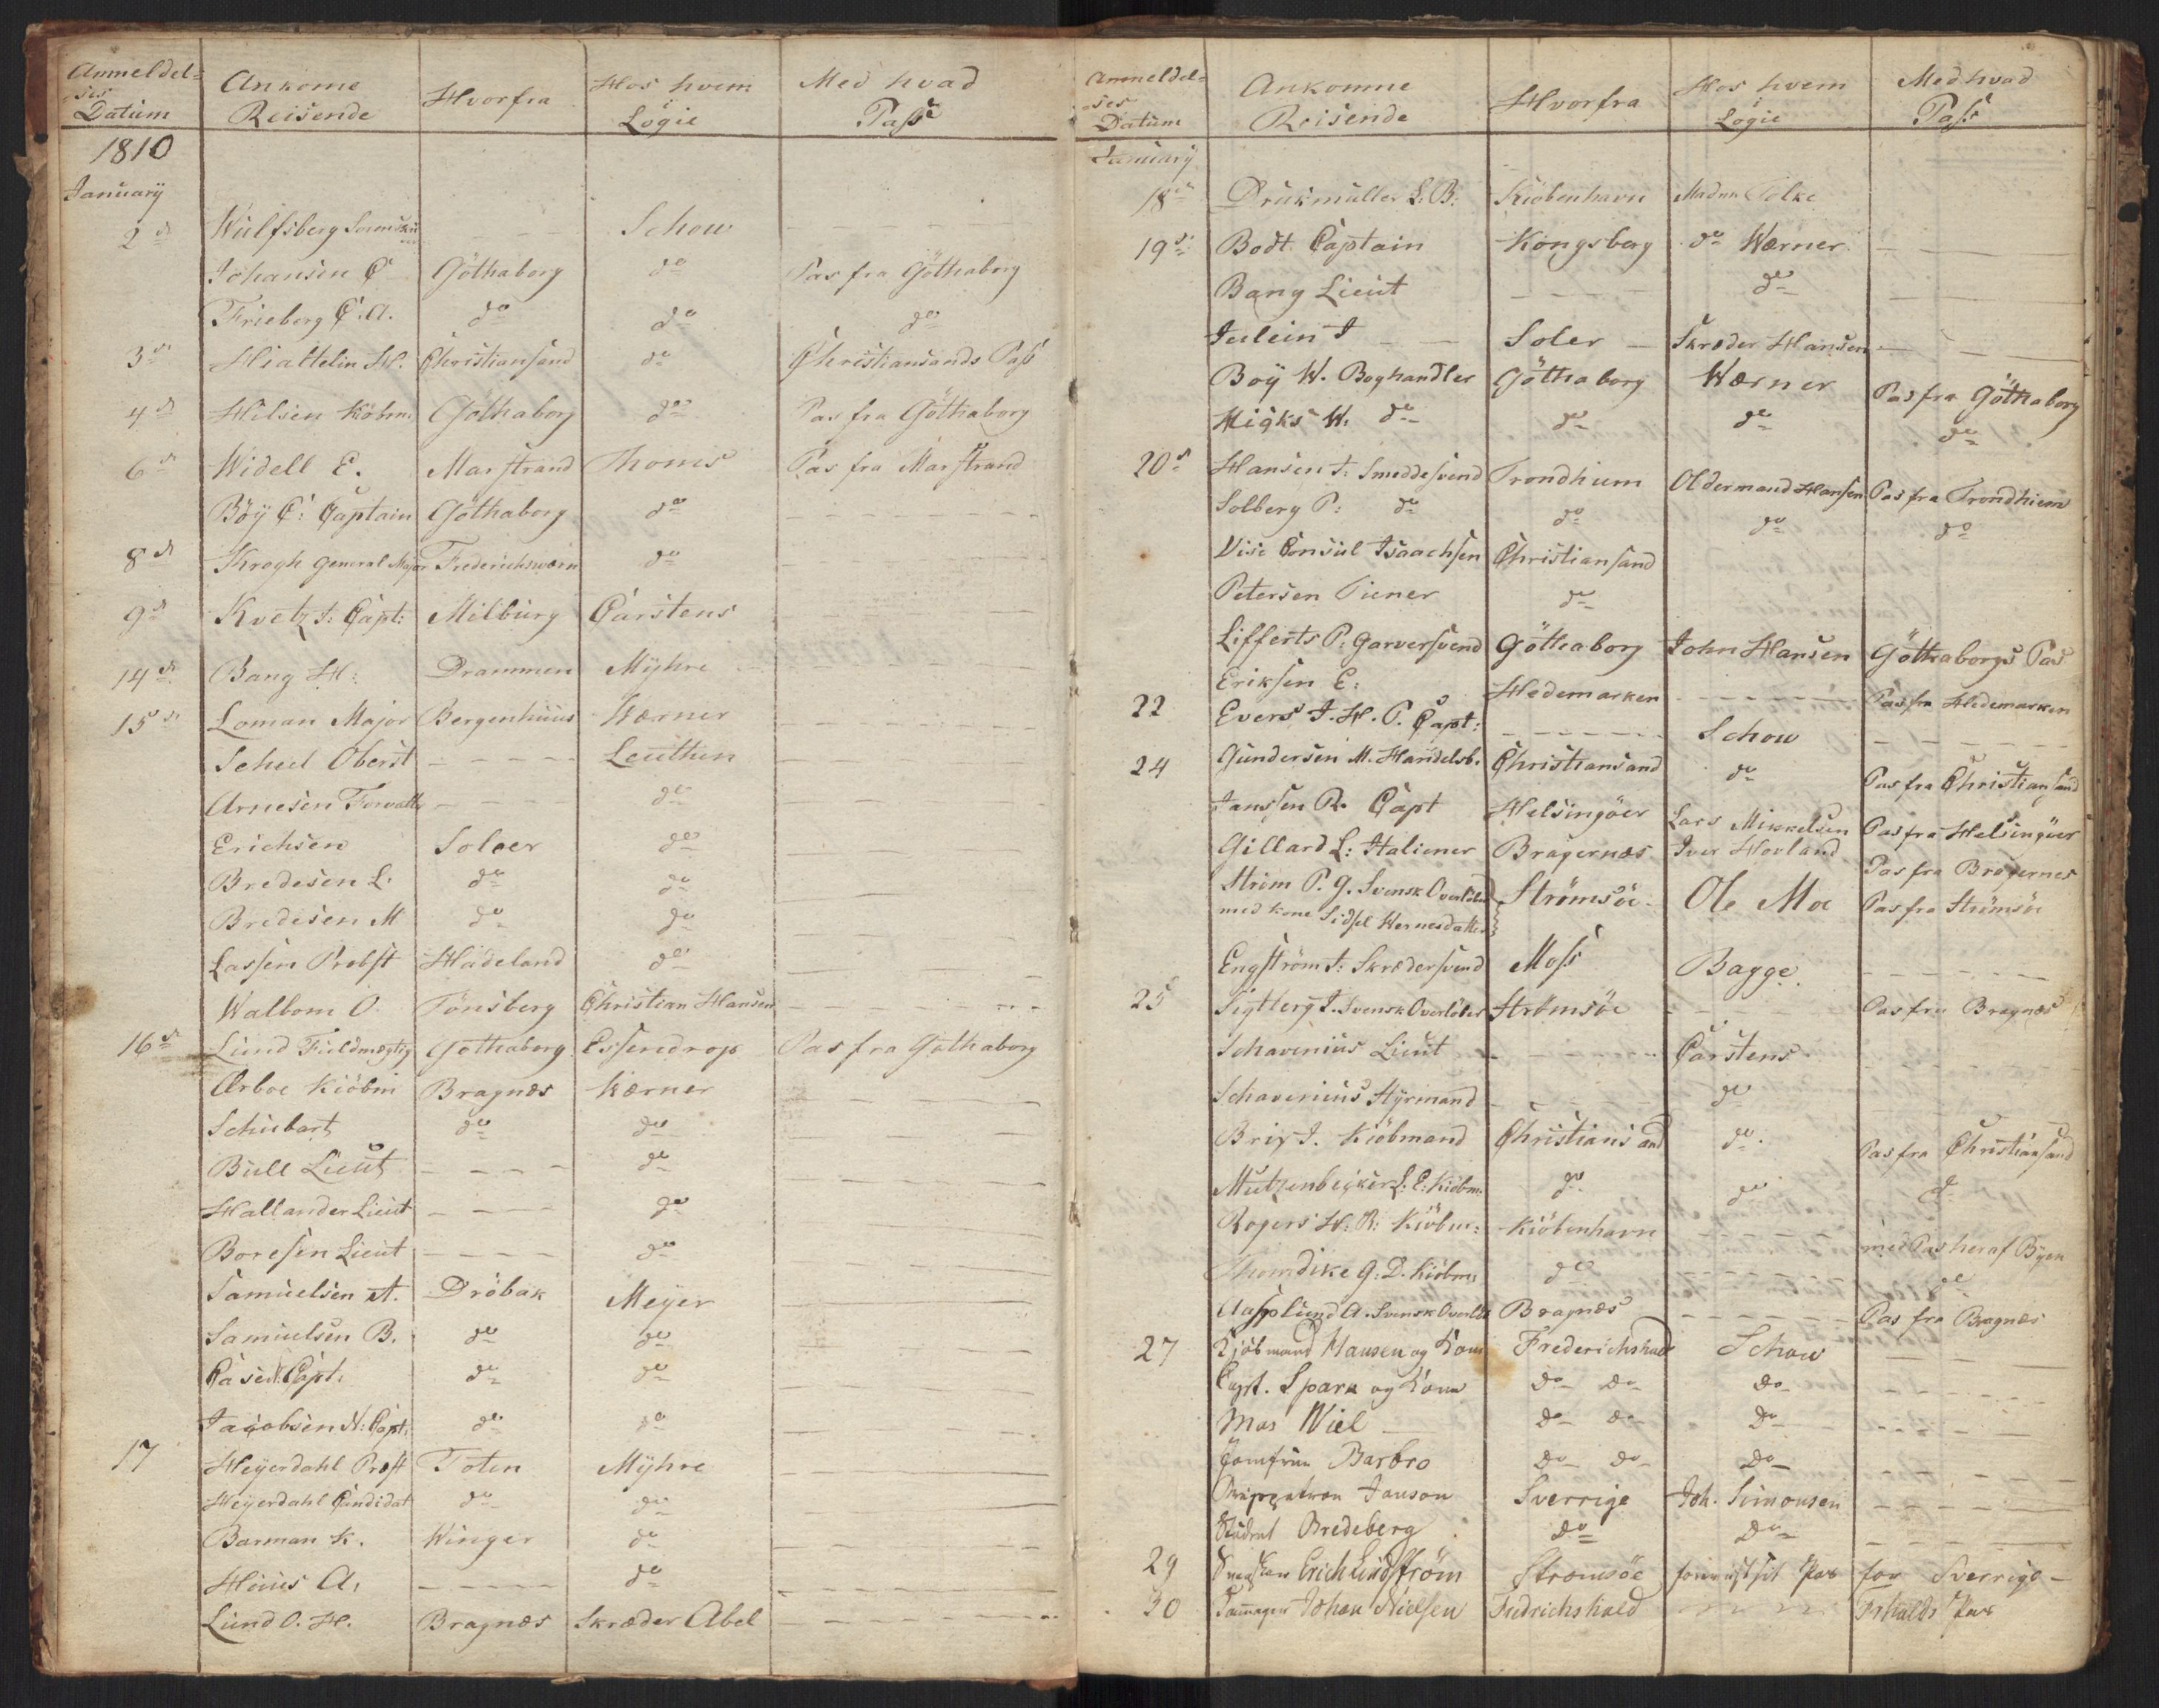 SAO, Oslo politidistrikt, E/Ee/Eei/L0002: Journal over ankomne og anmeldte reisende, 1810-1815